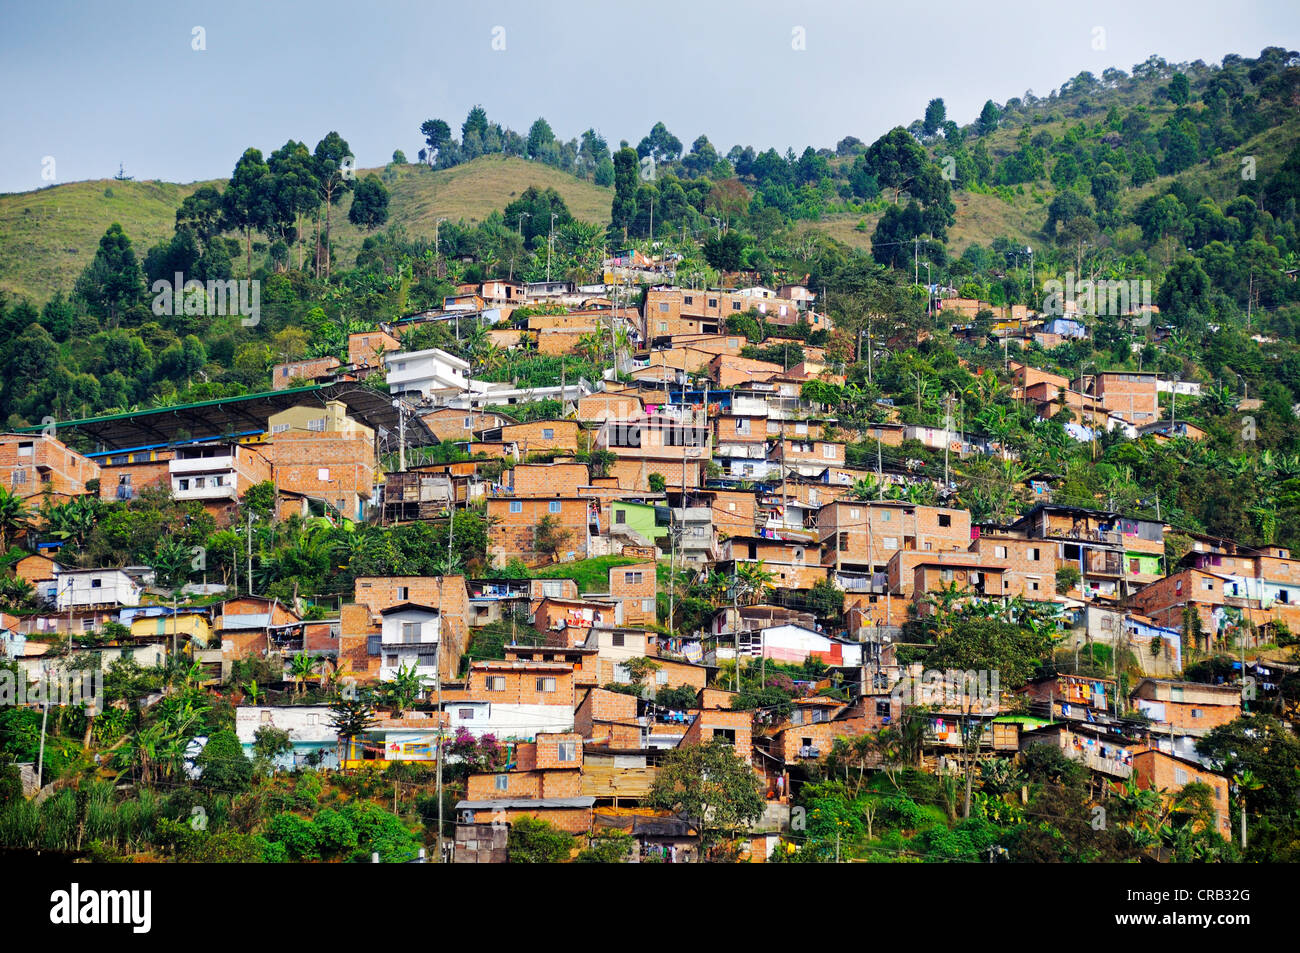 Slums, Comuna 13, Medellin, Colombia, South America, Latin America, America - Stock Image